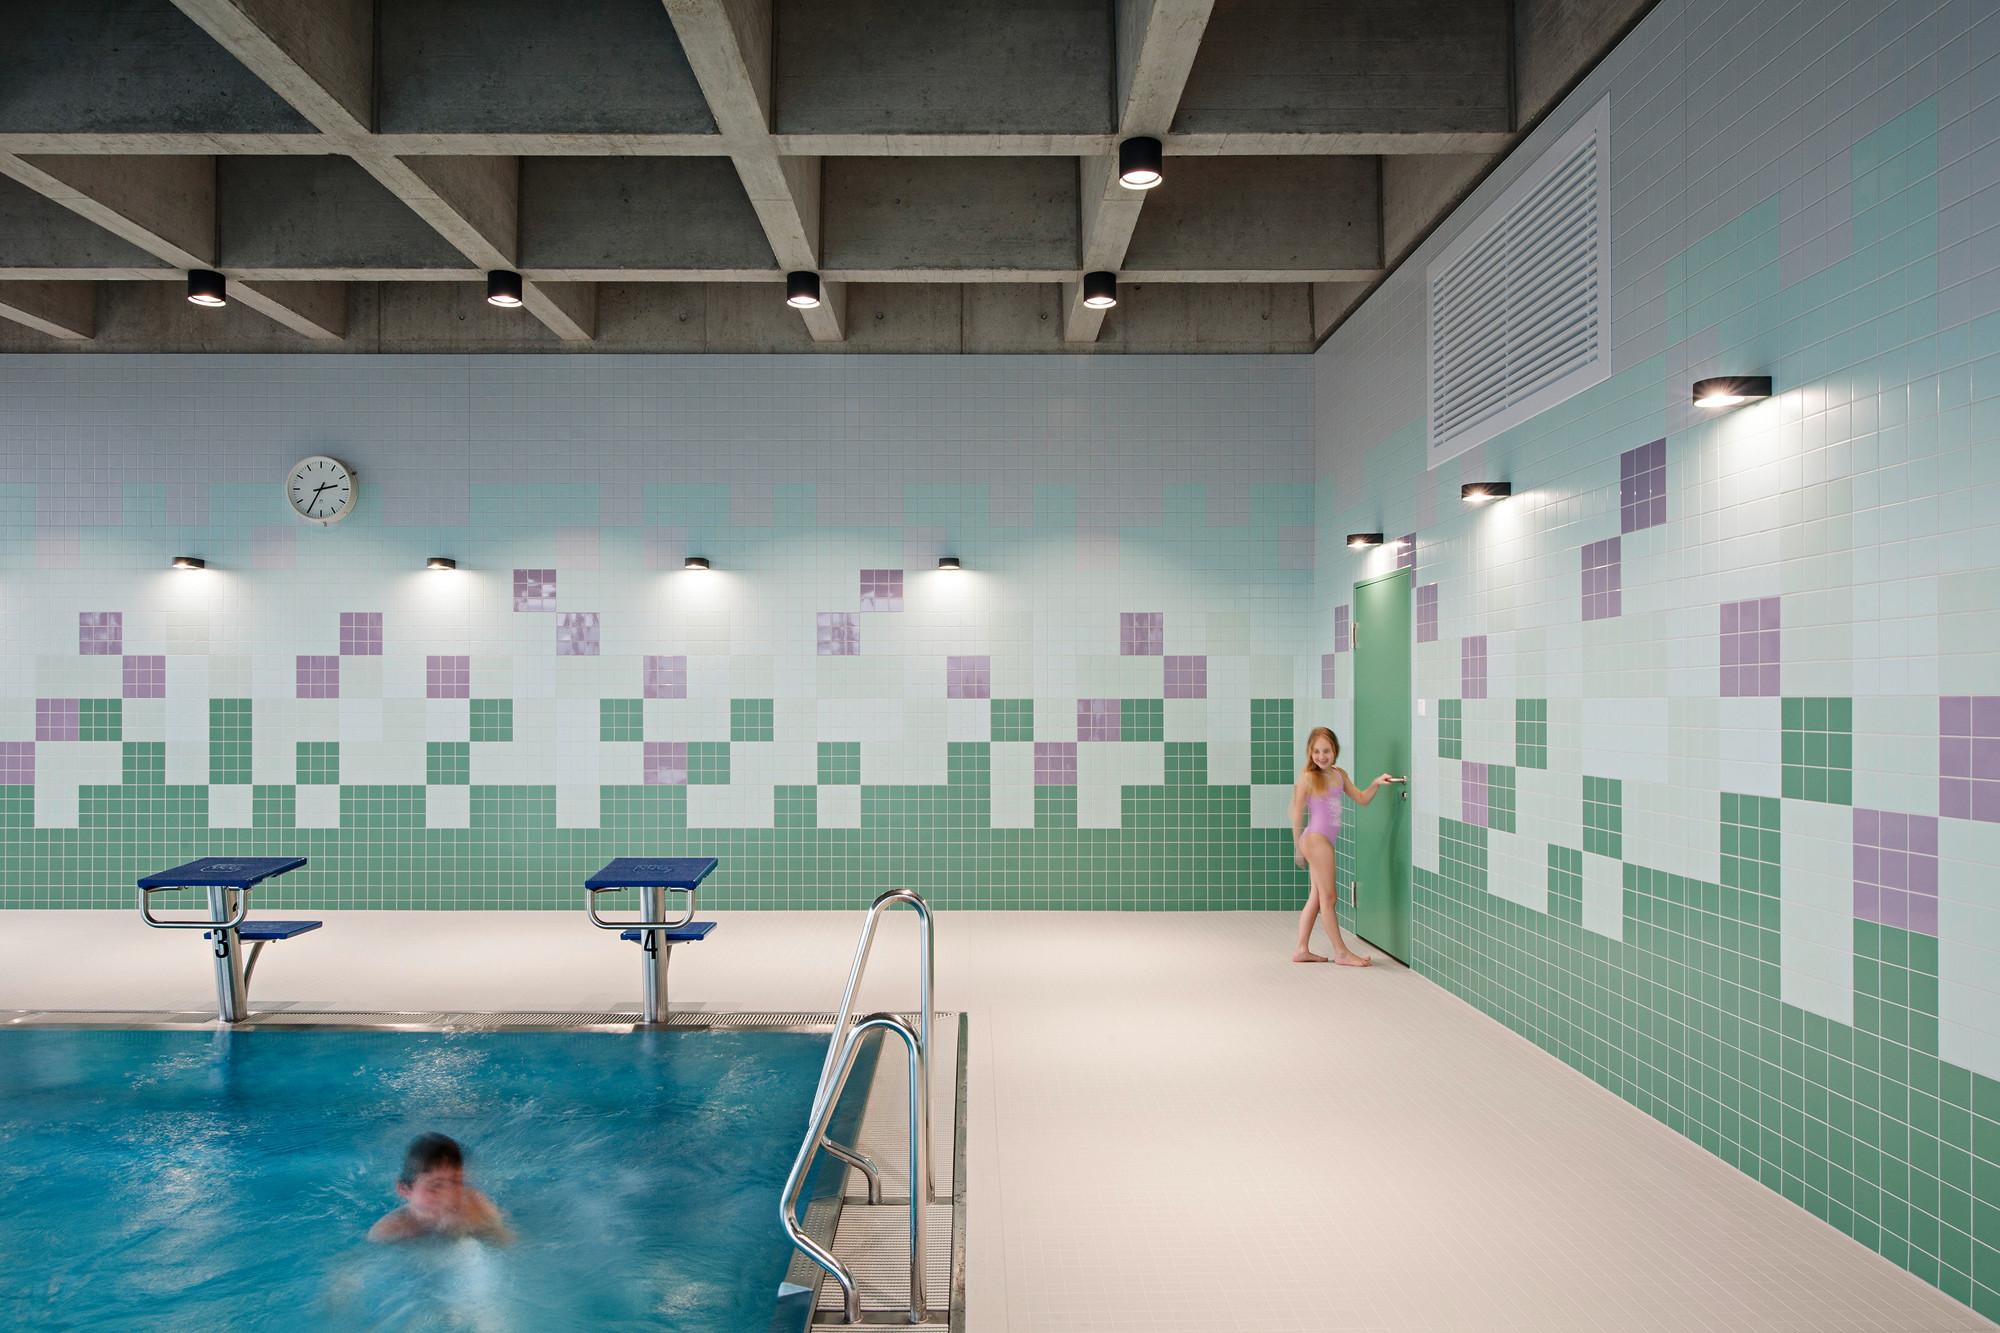 Schwimmbad allmendli in erlenbach beton freizeit sport for Schwimmbad mosaik